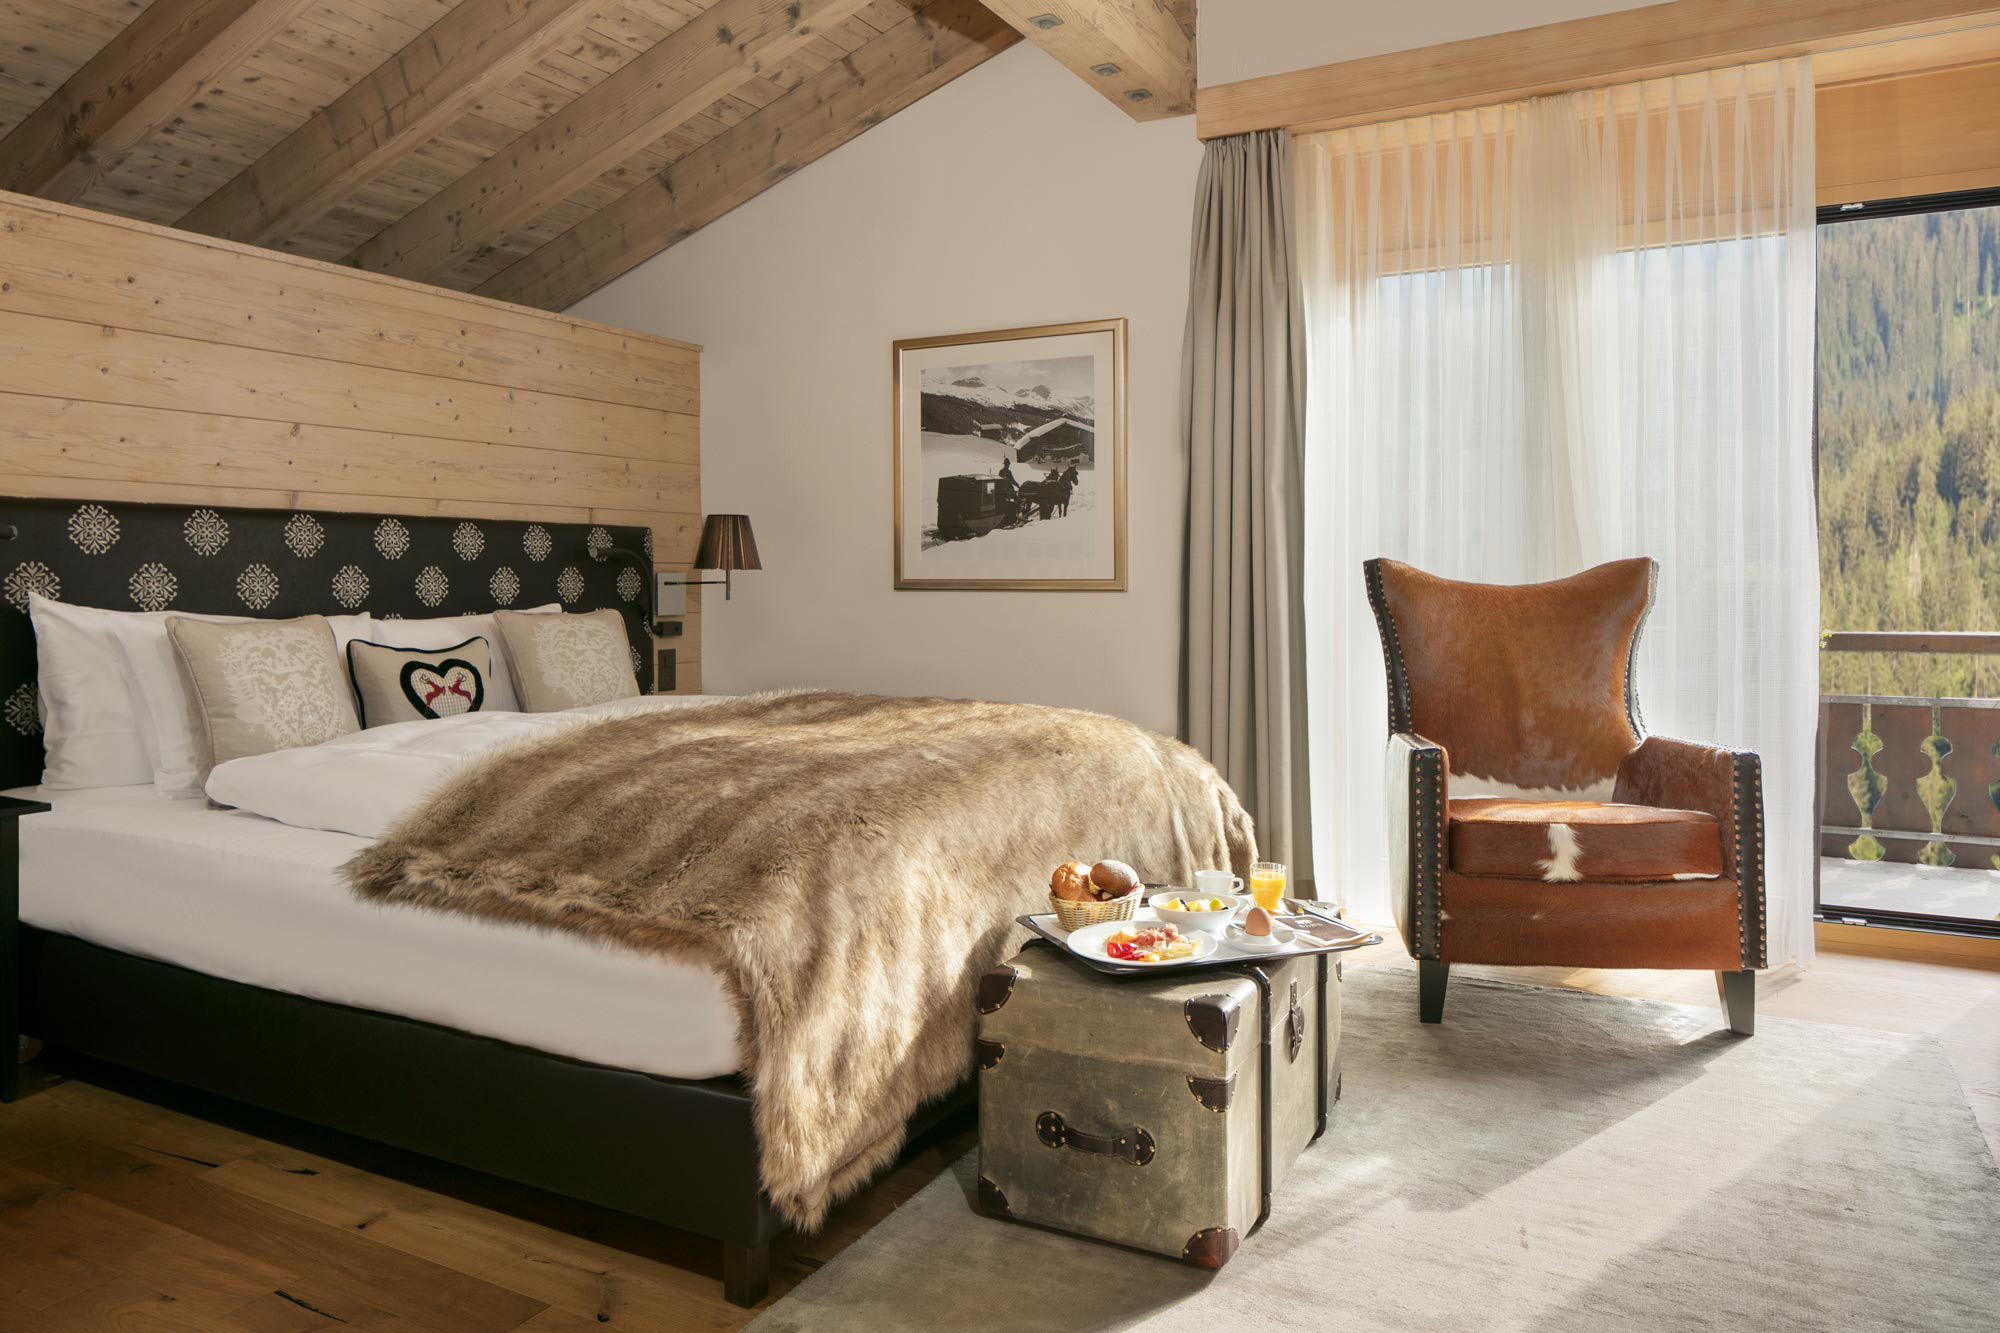 Piz Buin Klosters Hotelfotografie von Adrian Kilchherr -Hotelfotograf Schweiz Deutschland Weltweit